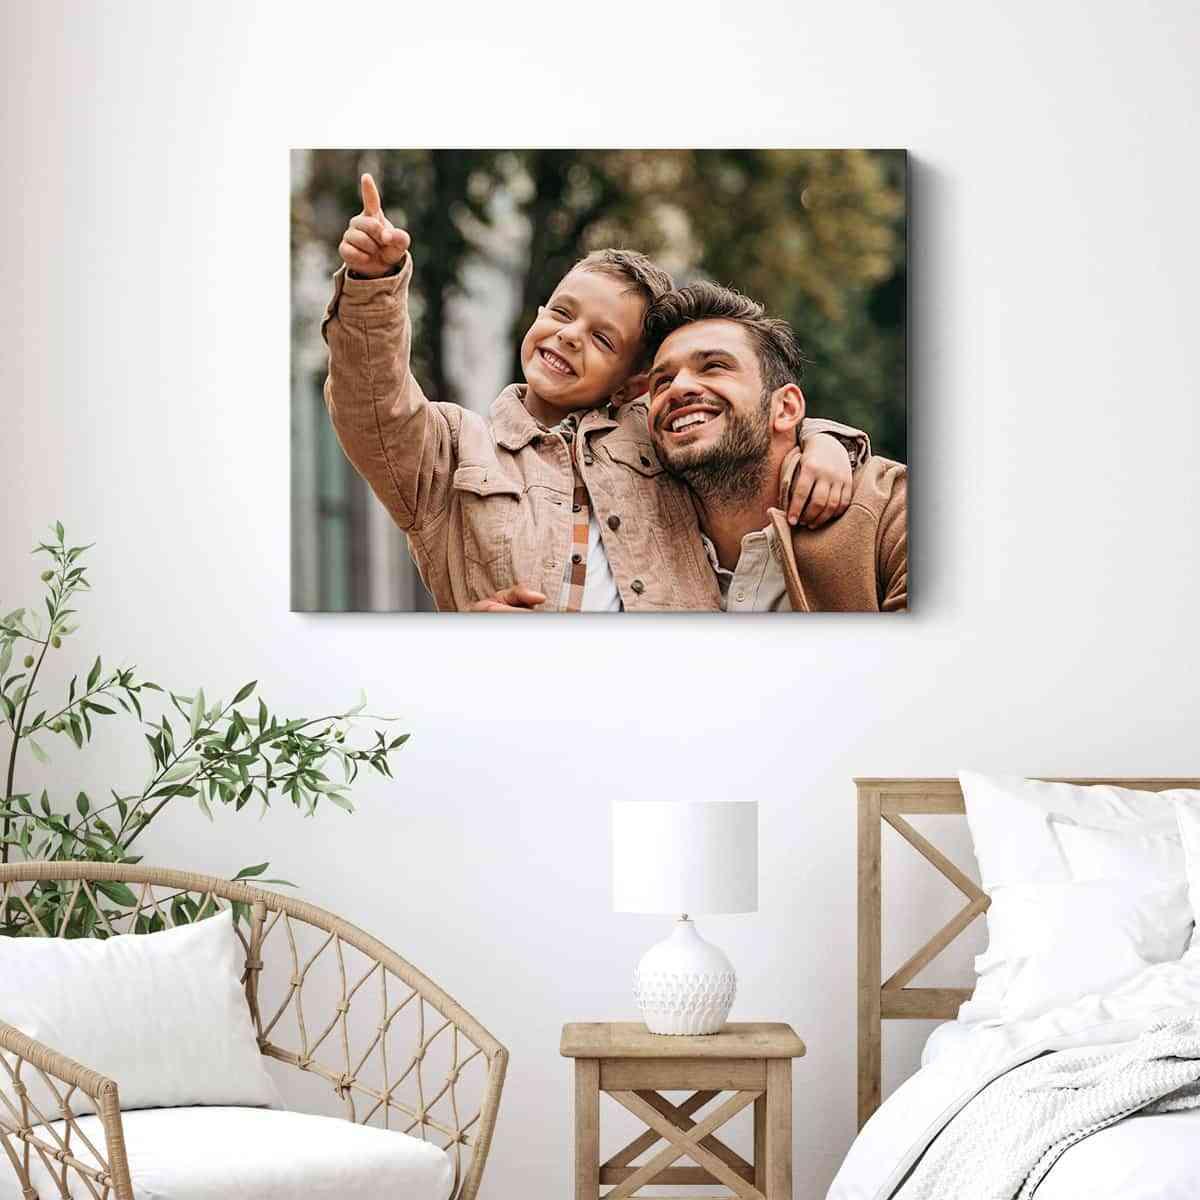 Diferentes opciones de regalar fotografías en el Día de la Madre 12